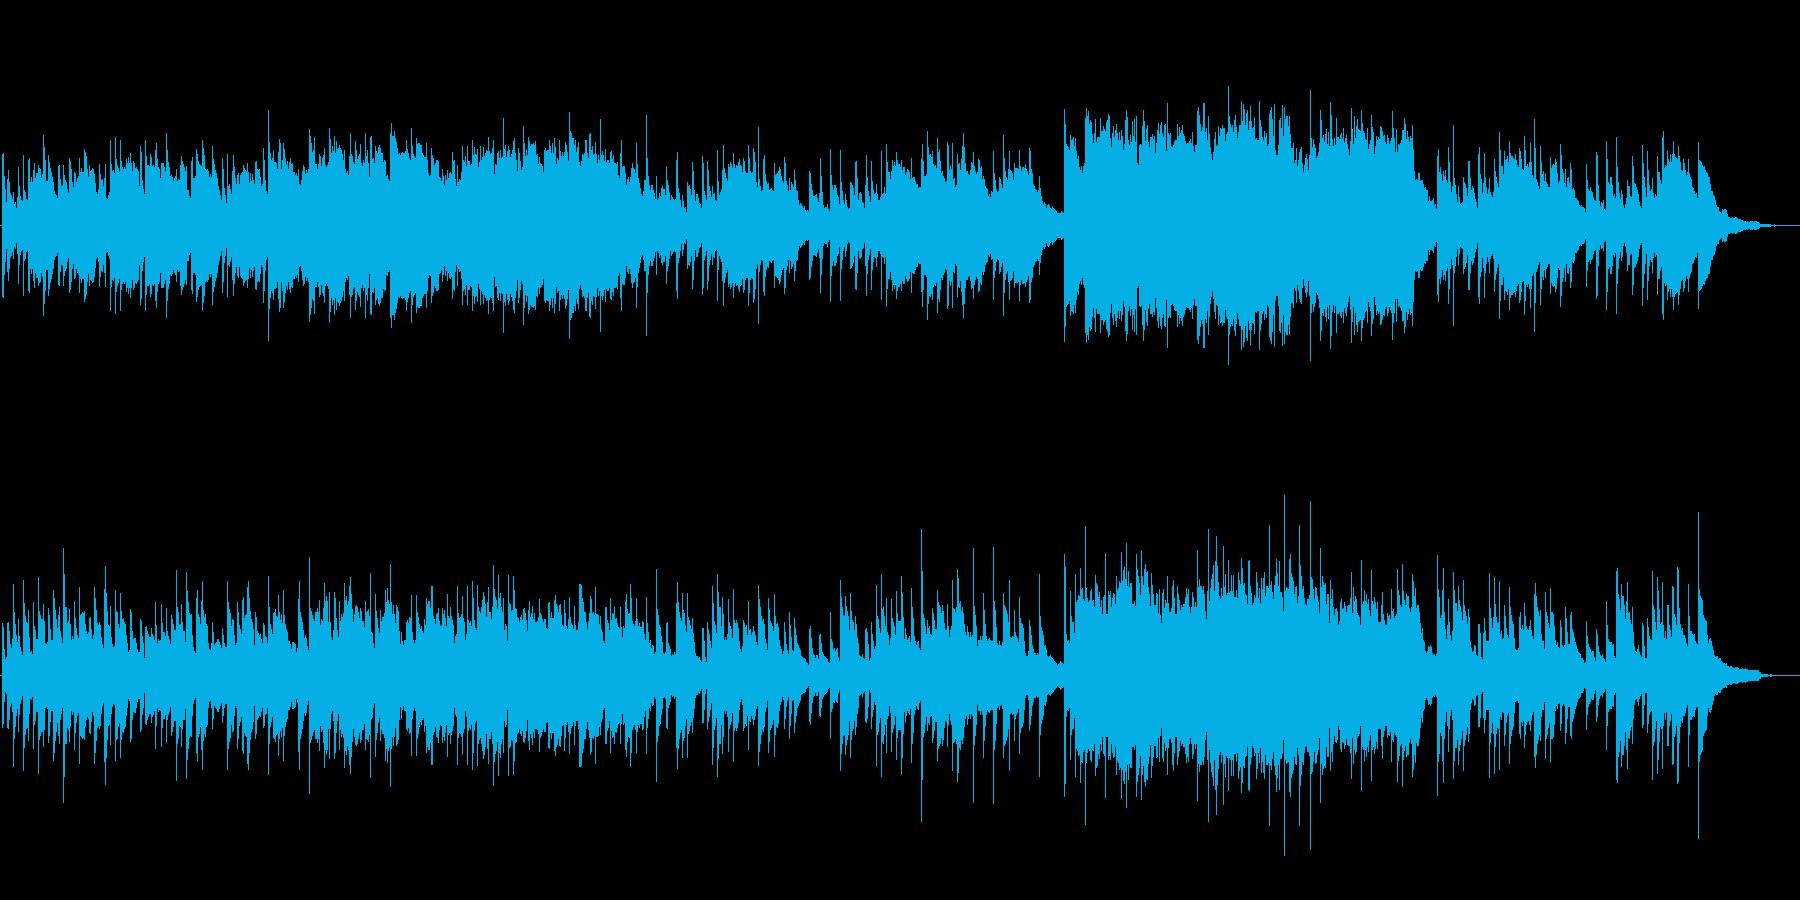 しっとりしたピアノのバラードの再生済みの波形